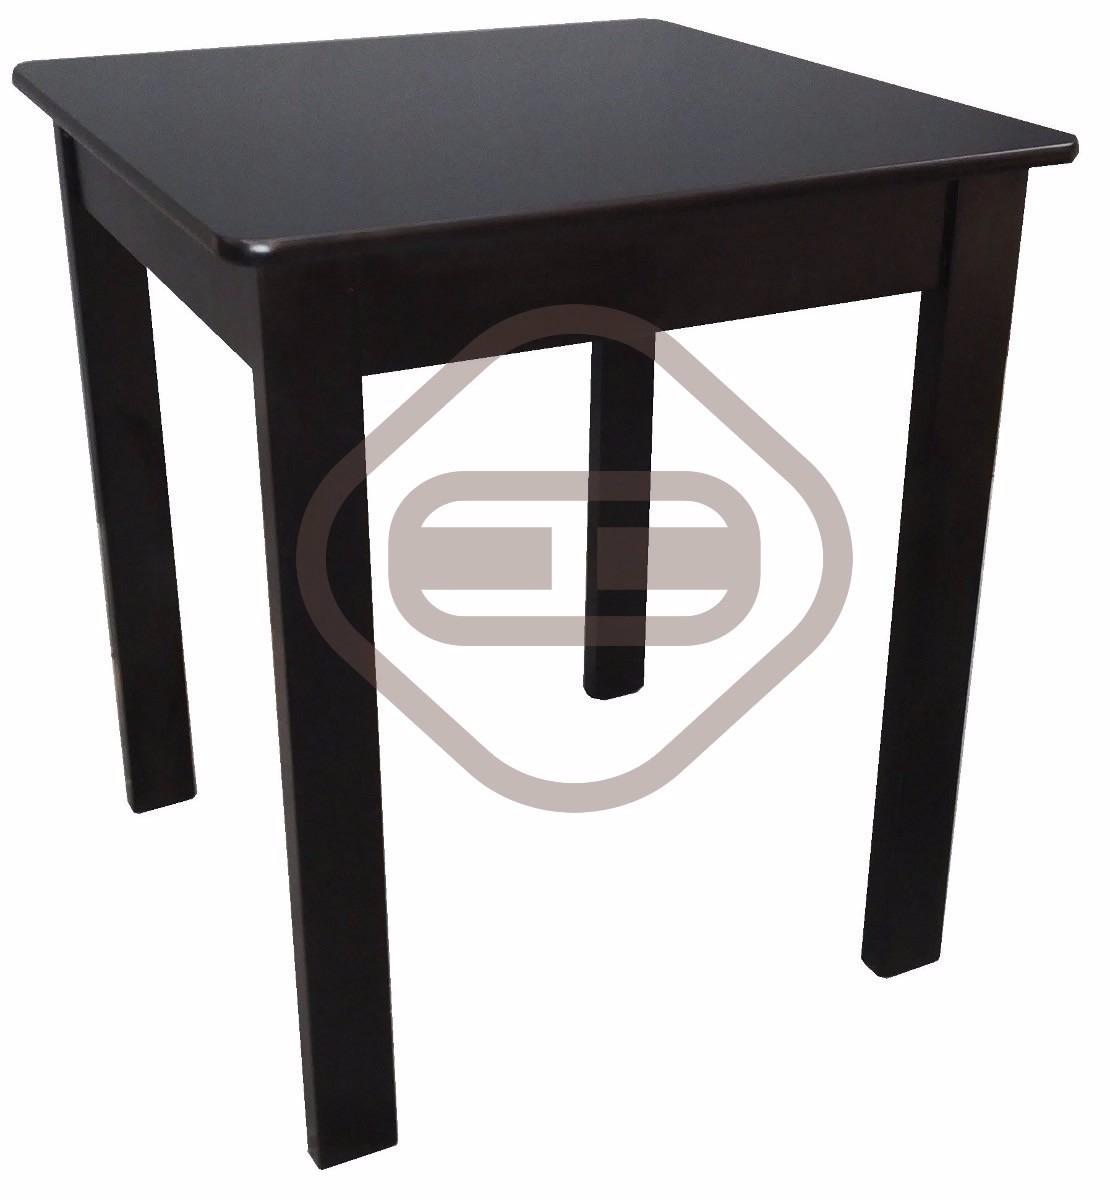 Mesa y sillas bar confiteria resto laqueado poliuretanico for Sillas para bares y confiterias